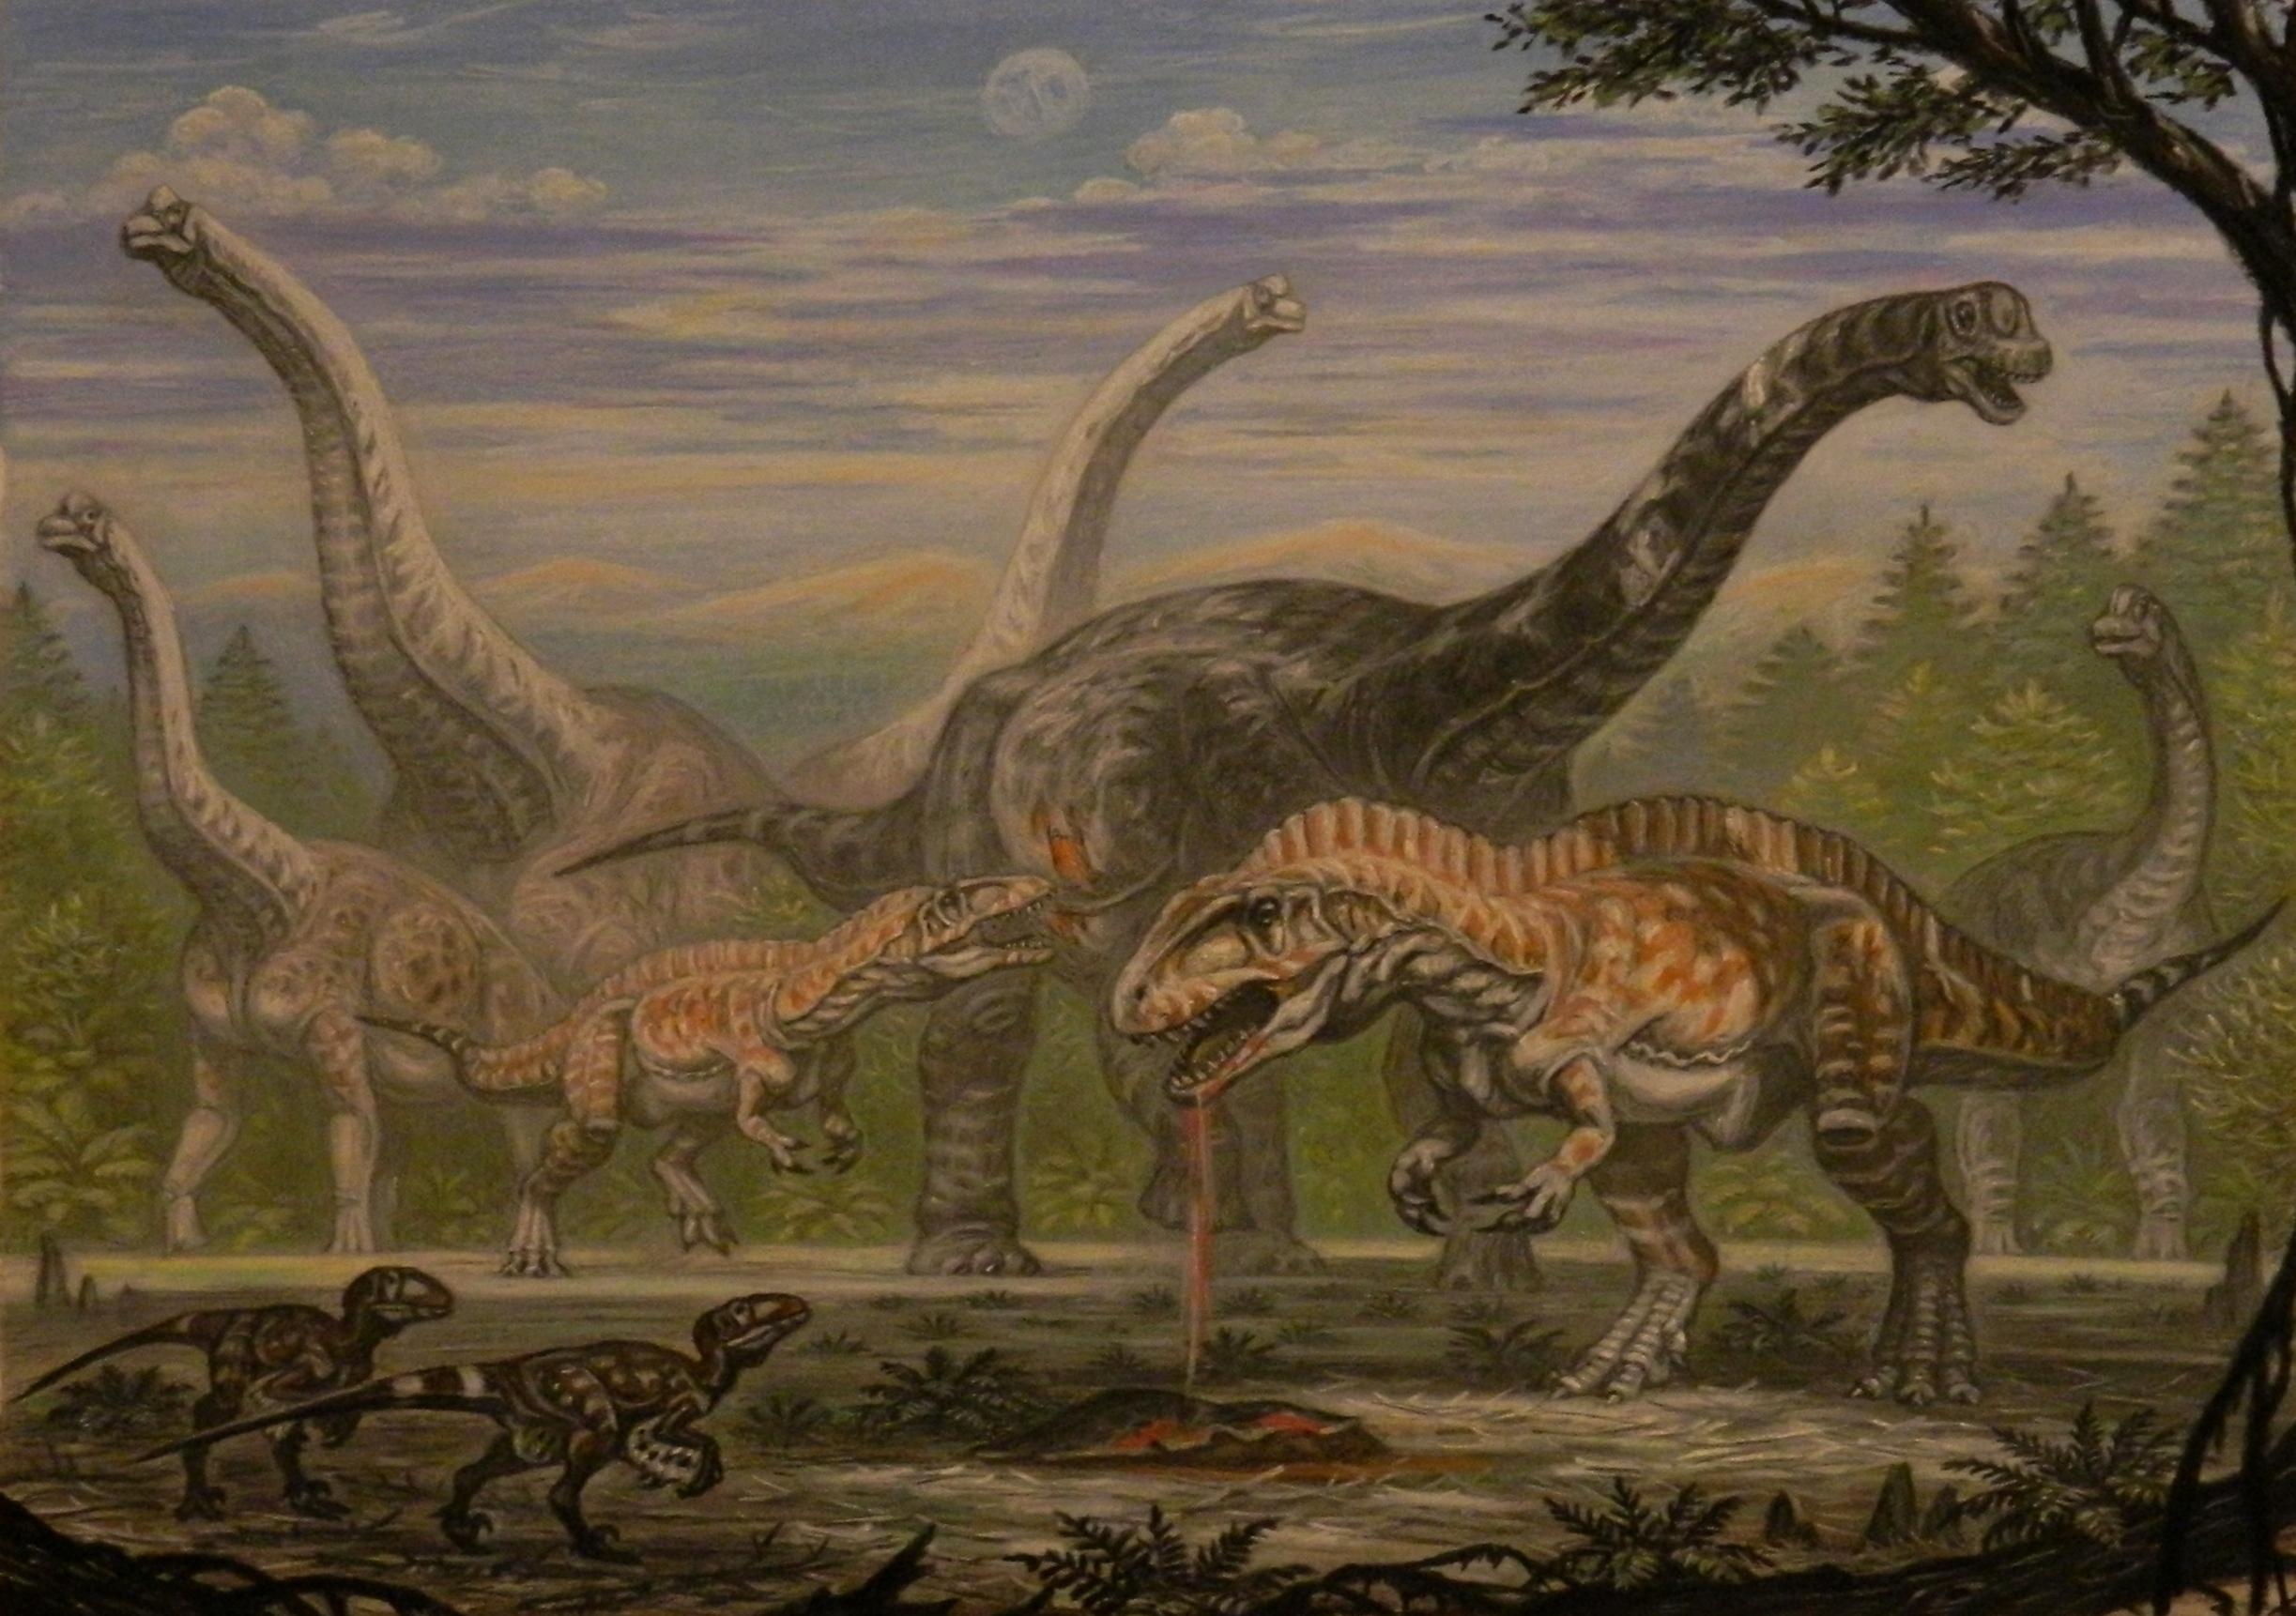 Acrocanthosaurus (Sauroposeidon, Astrodon).